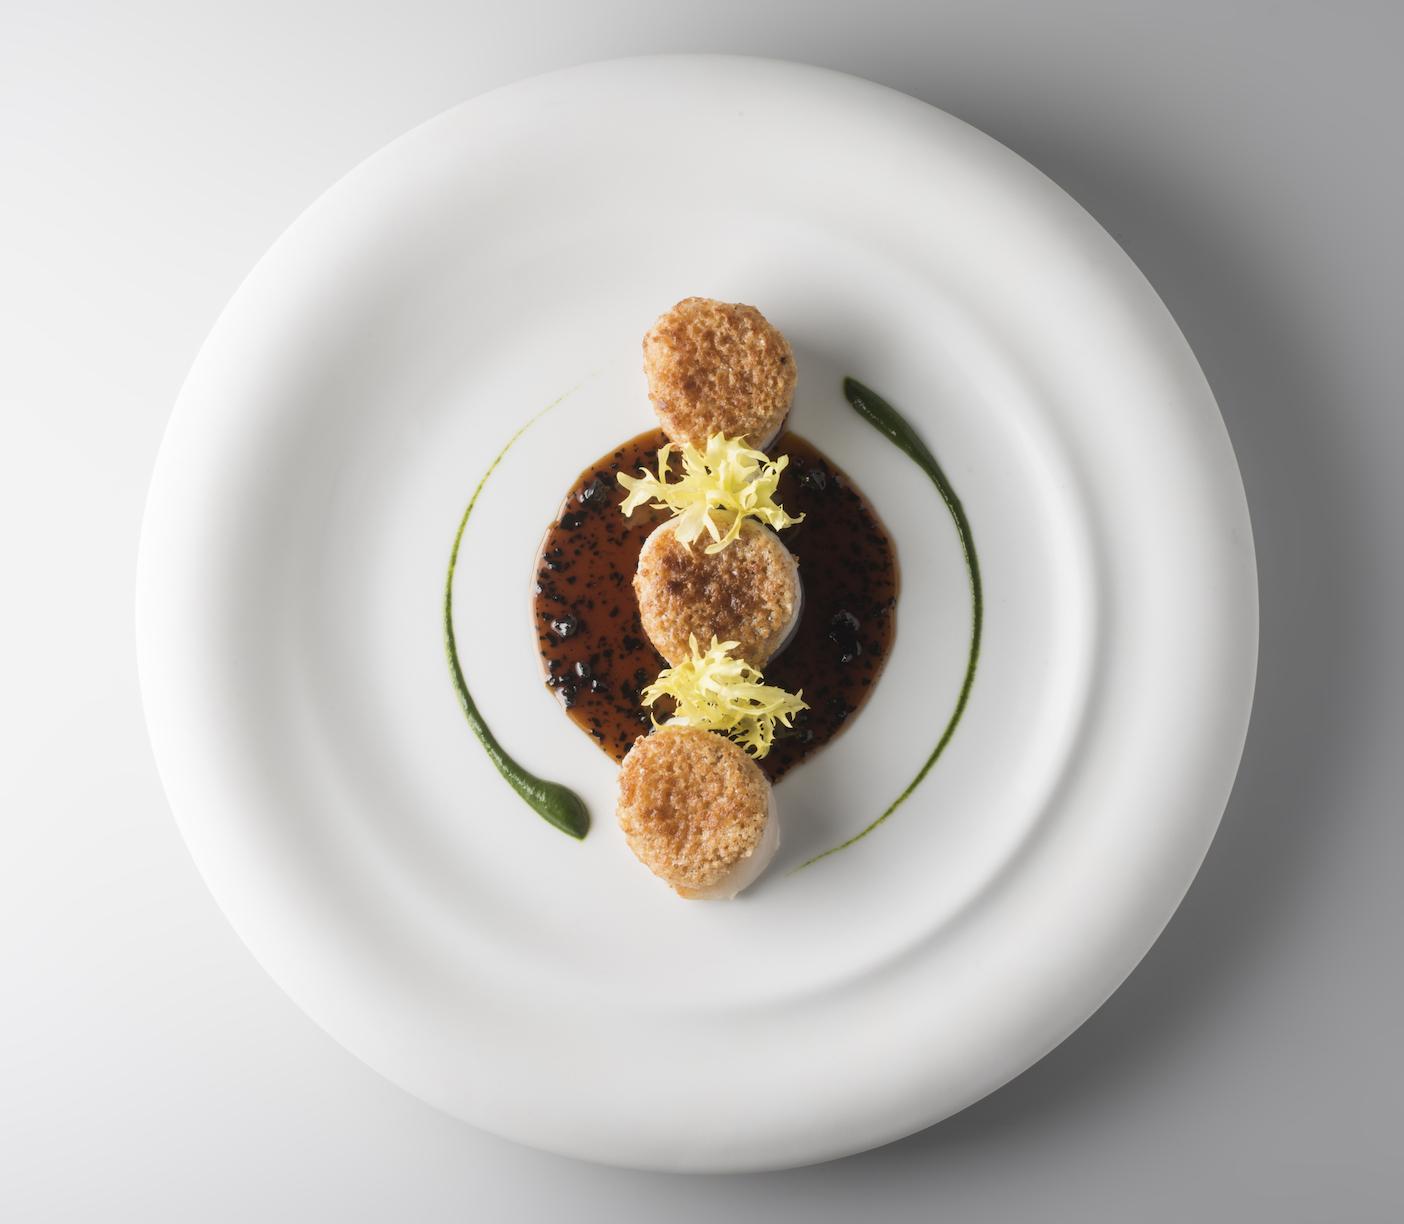 Hexagone recrute sous chef de cuisine d tails de l for Offre emploi chef de cuisine